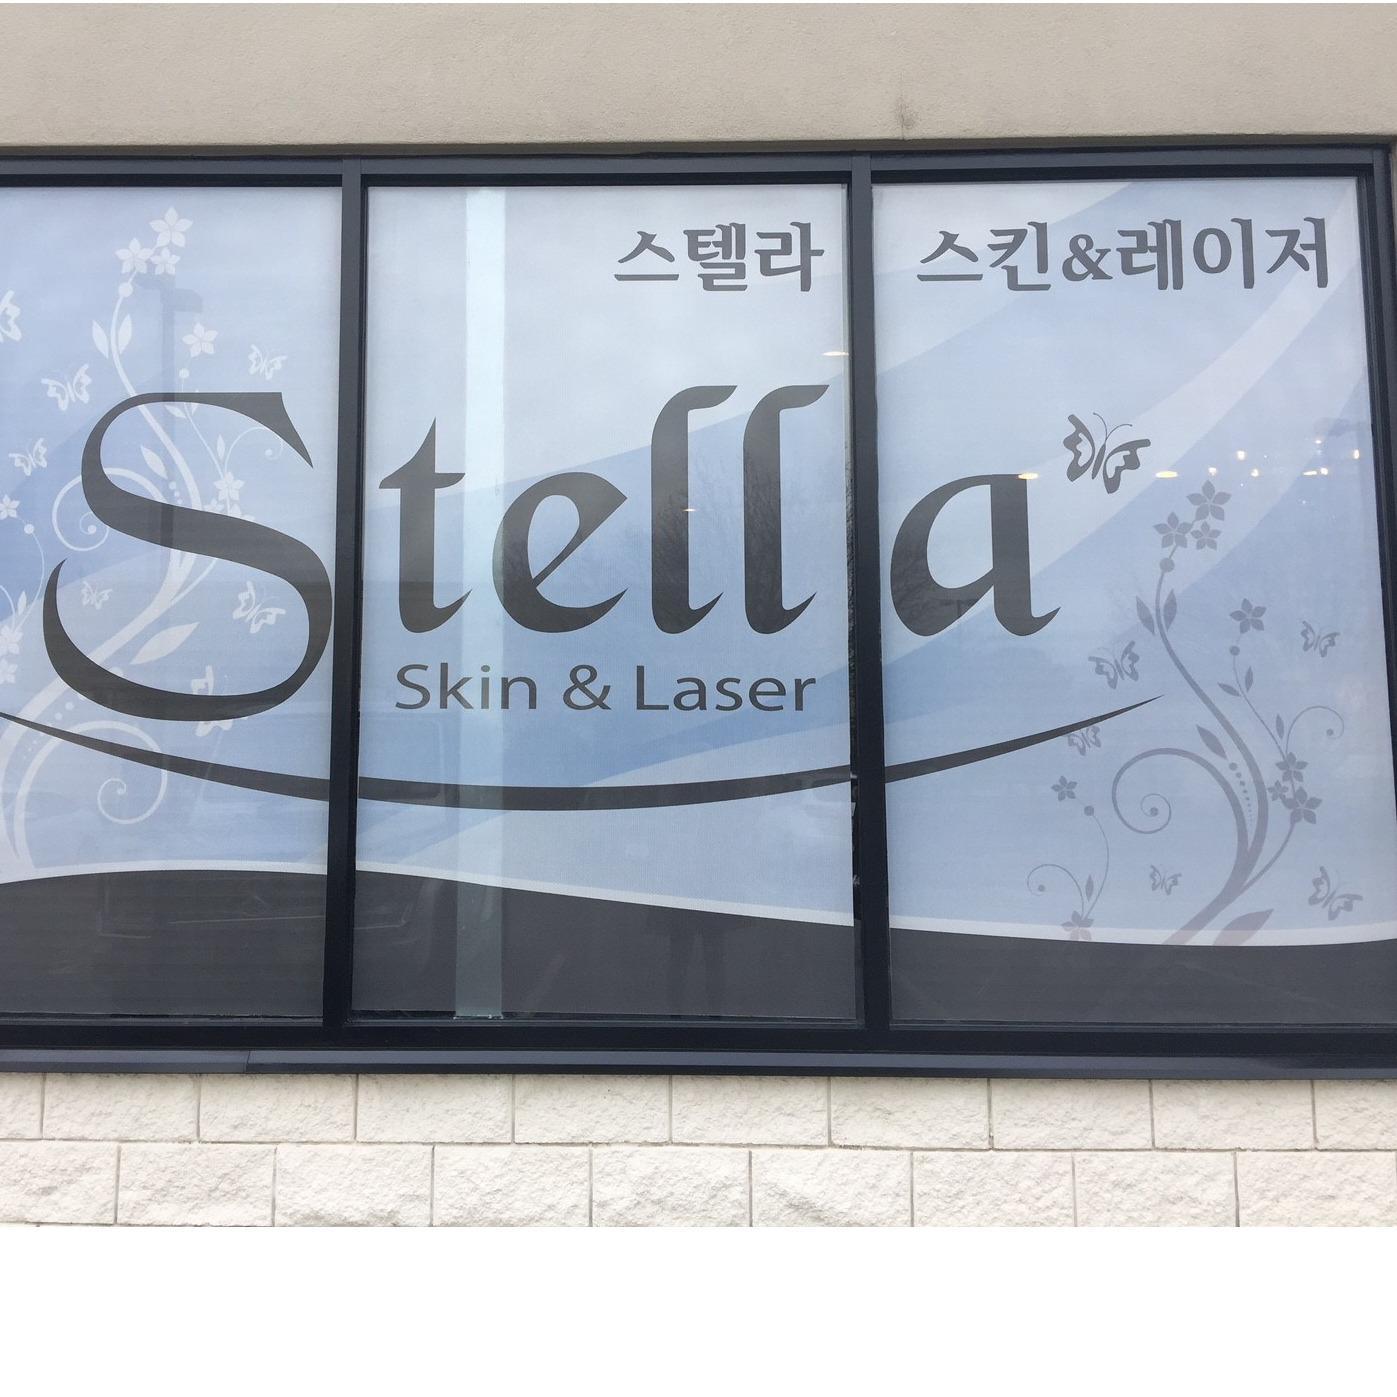 Stella Skin & Laser